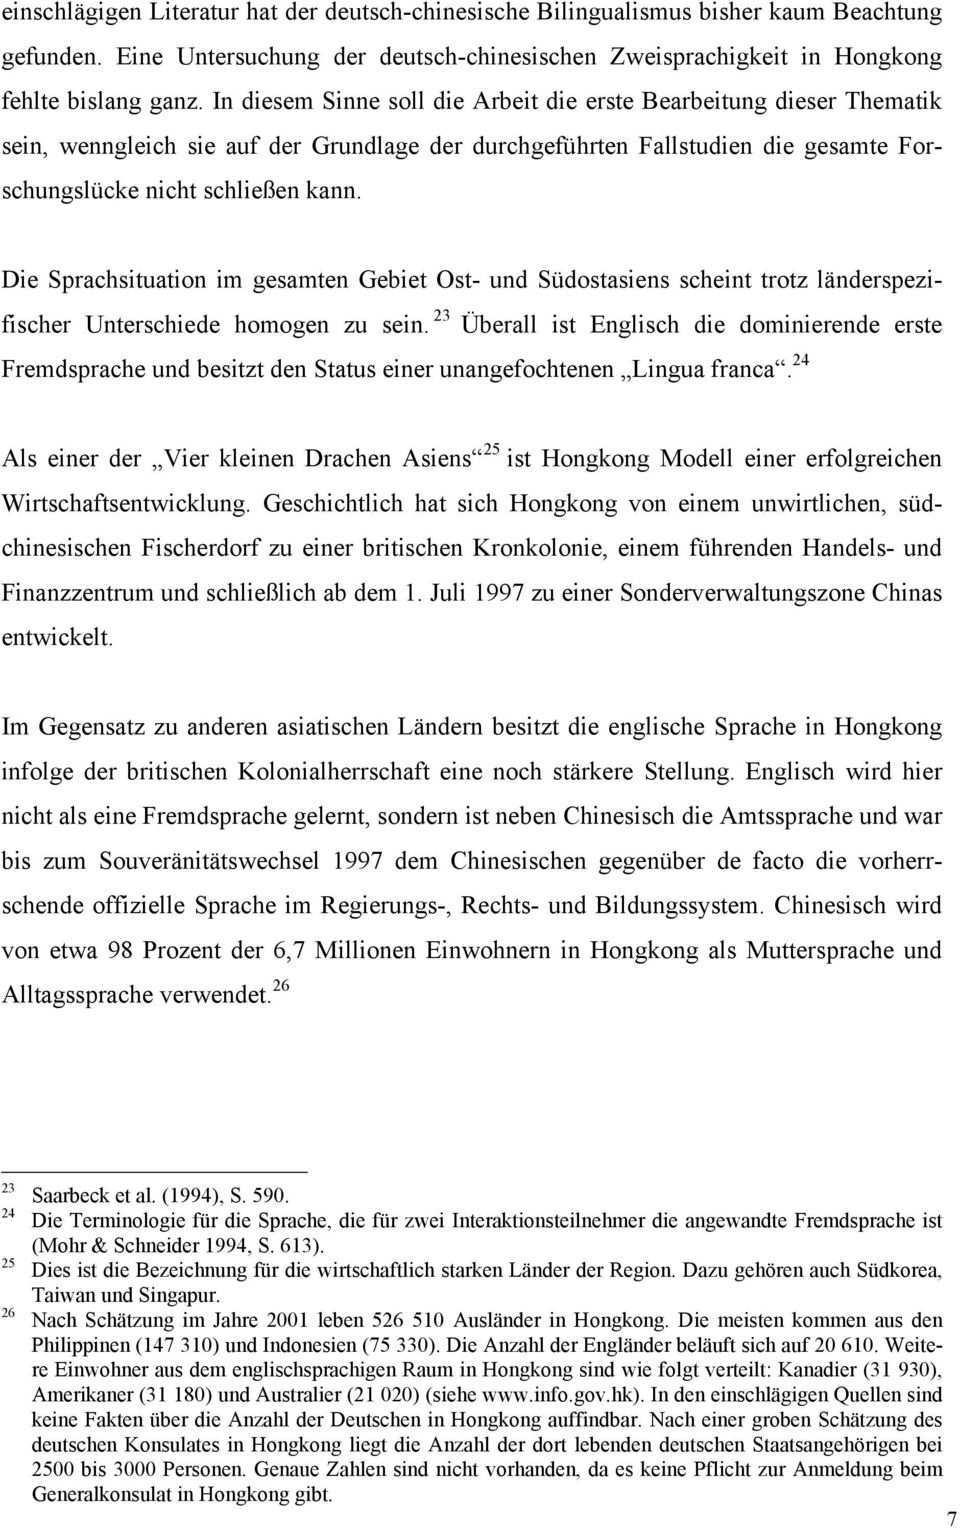 Bilingualer Spracherwerb In Deutsch Chinesischen Familien In Einem Englisch Chinesischen Umfeld Eine Erhebung In Hongkong Pdf Free Download